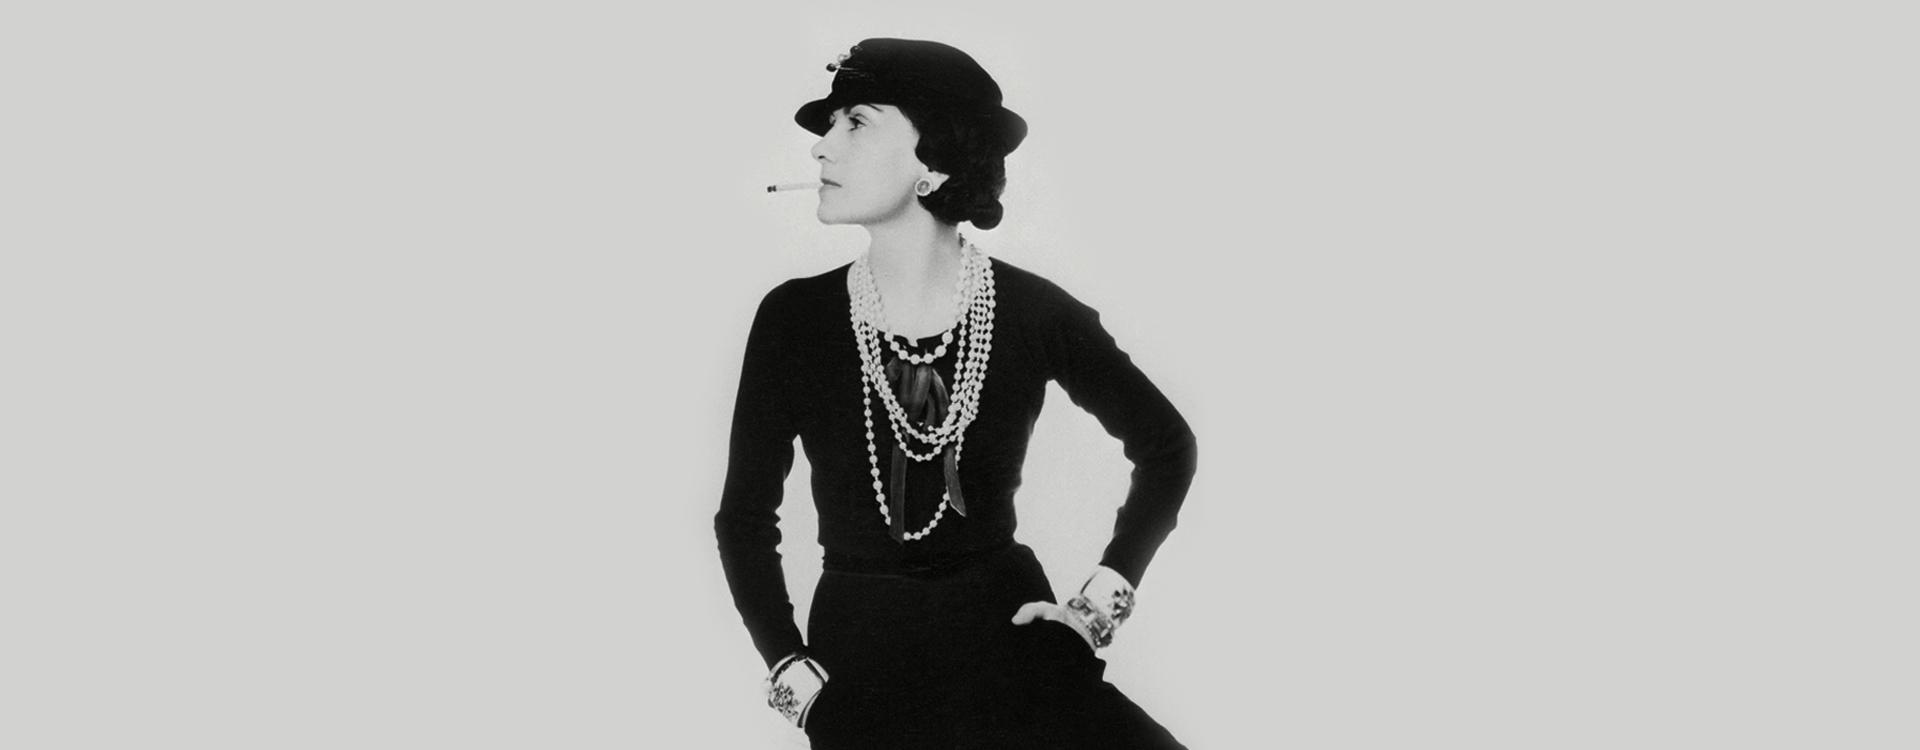 Coco Chanel, strong women entrepreneur